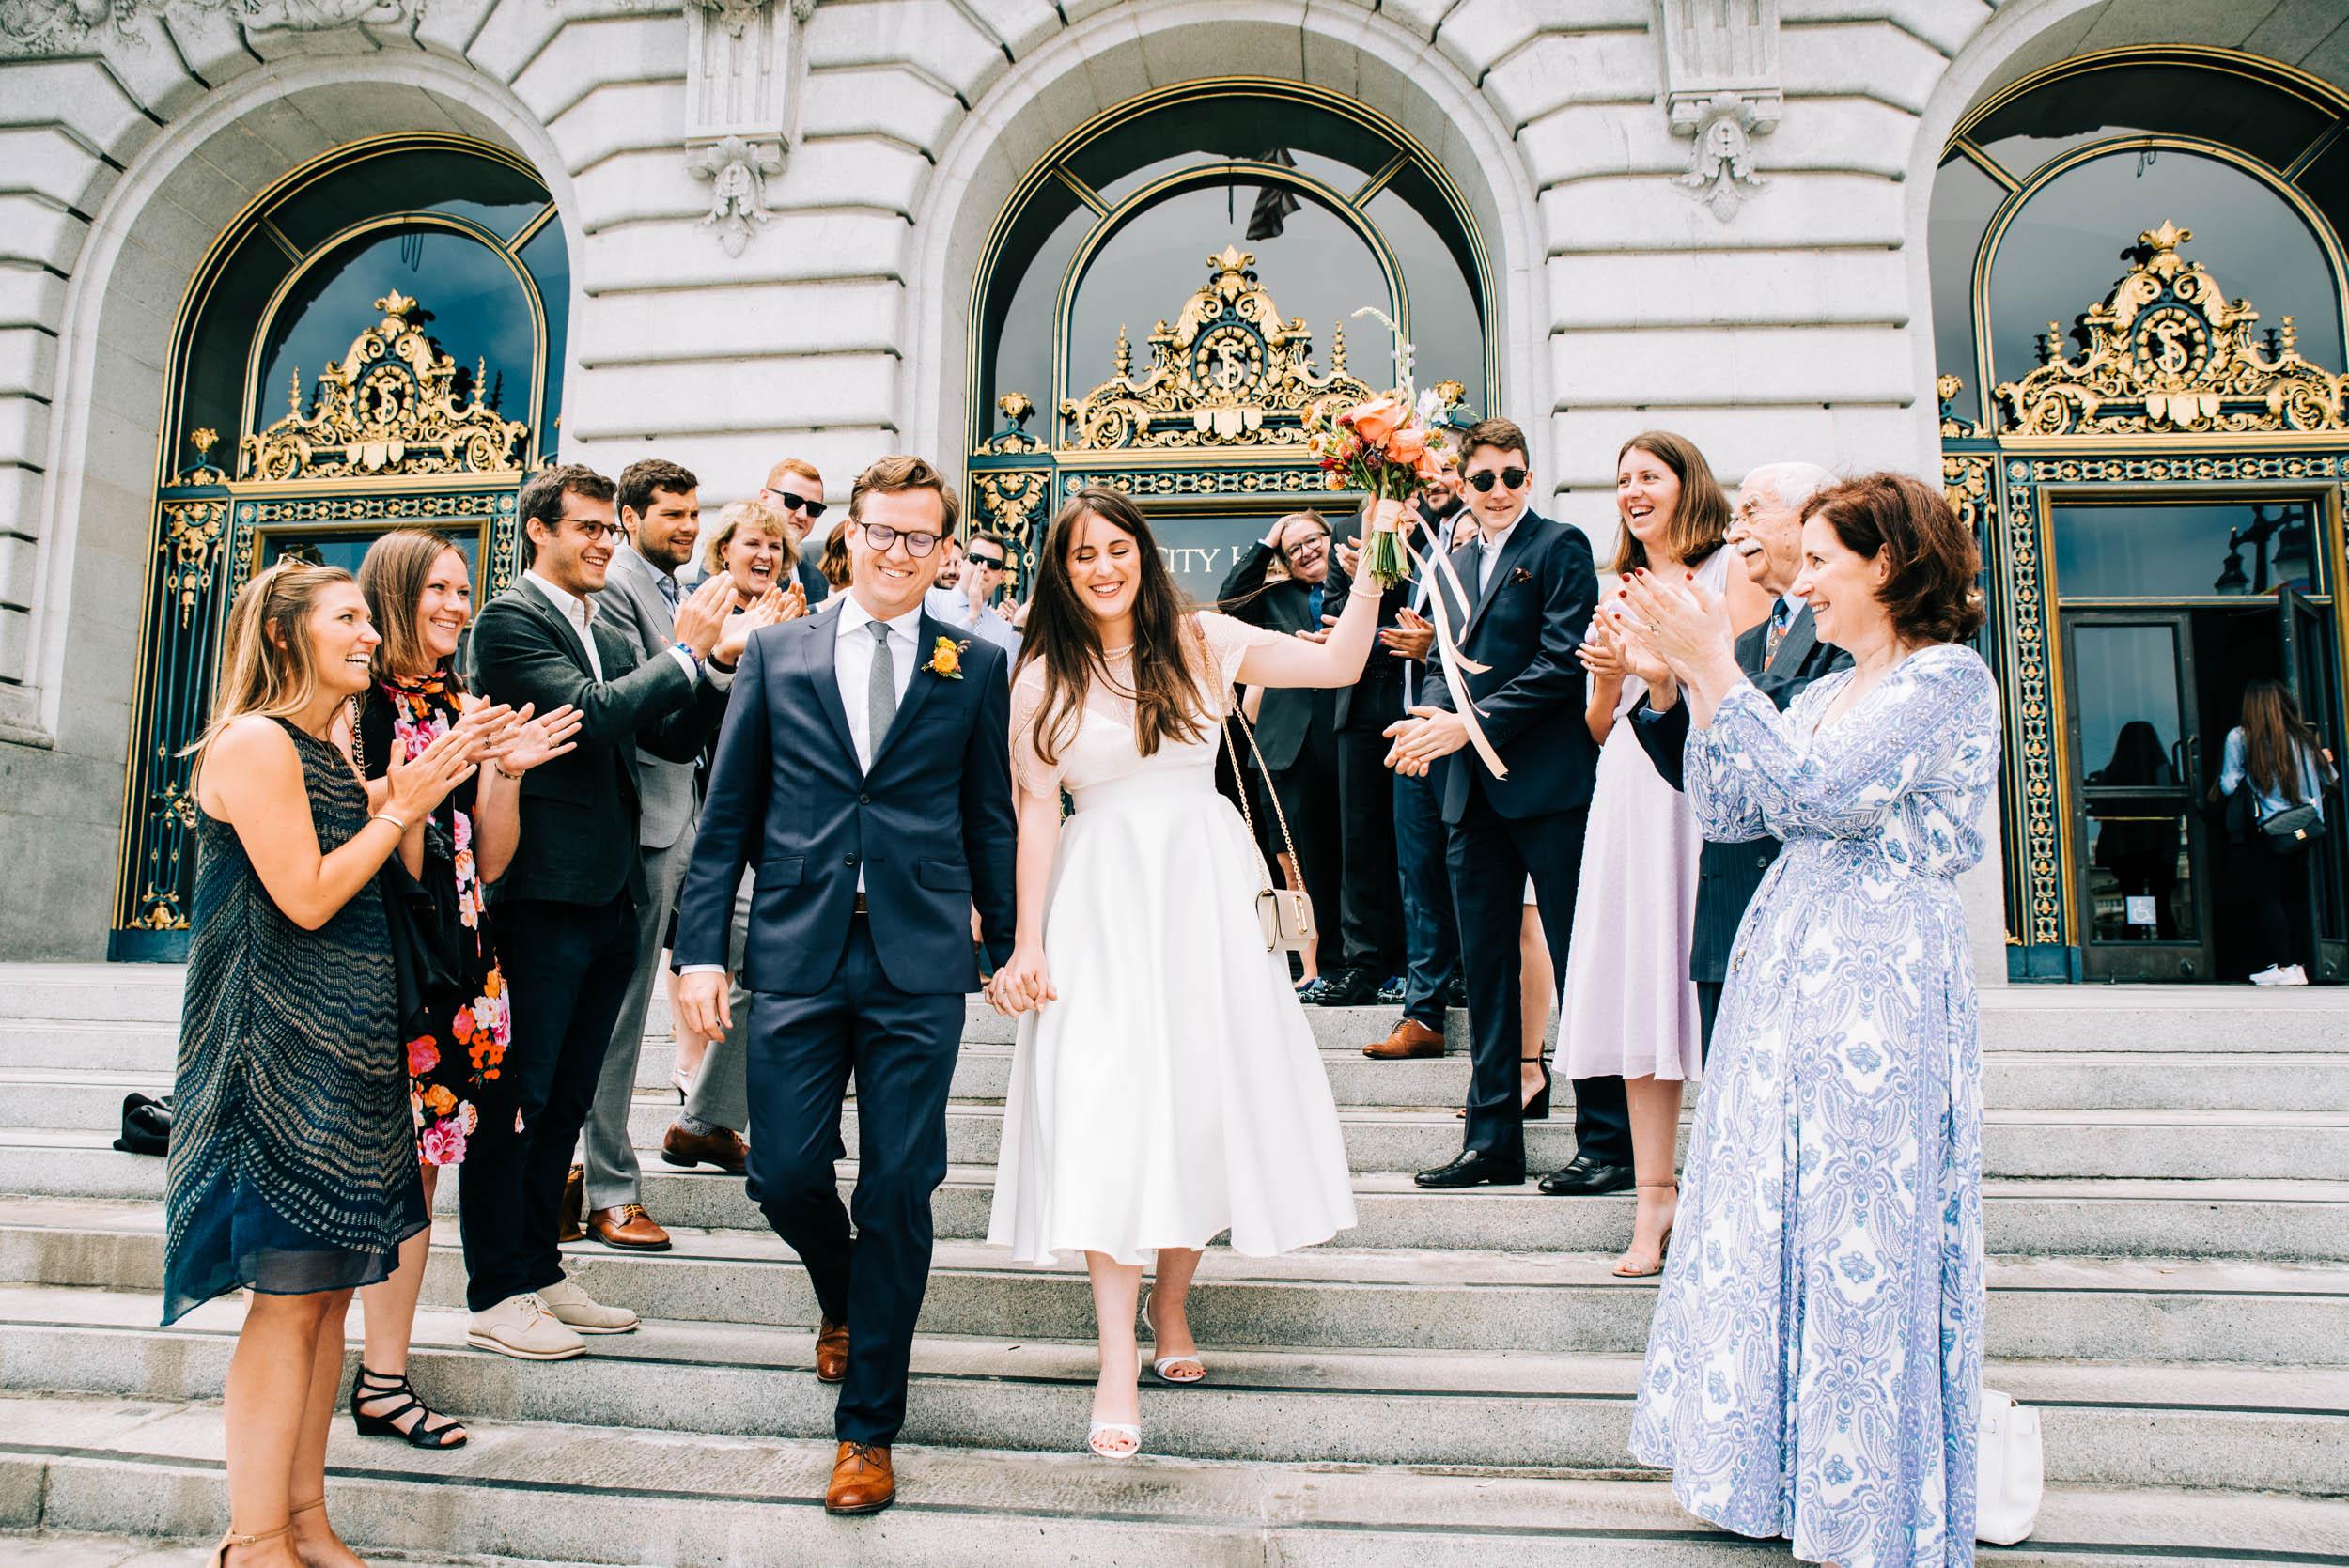 Bride and groom exit San Francisco City Hall wedding